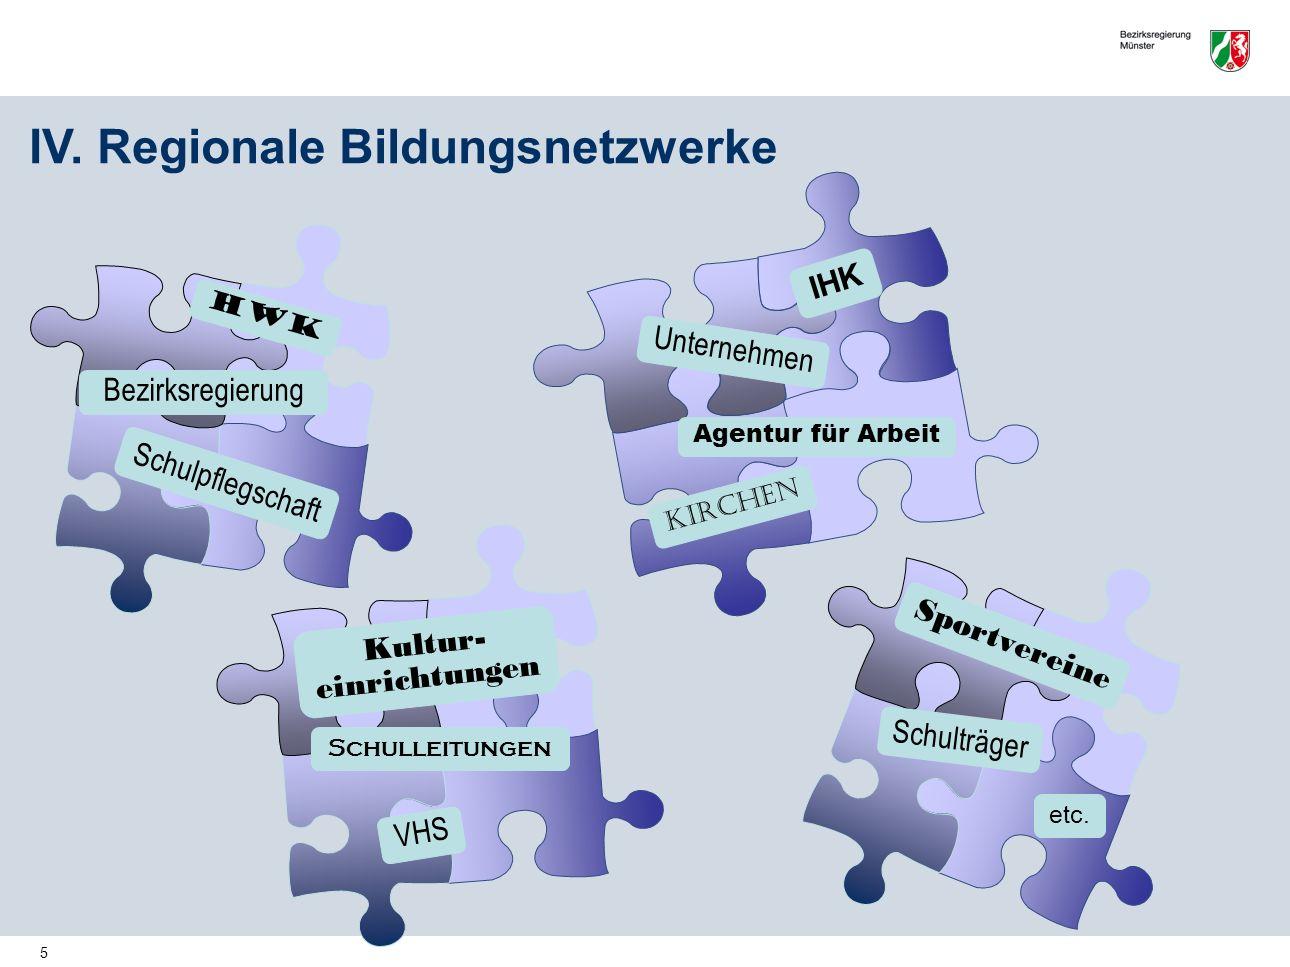 5 Kirchen Unternehmen Schulpflegschaft Agentur für Arbeit Bezirksregierung IV. Regionale Bildungsnetzwerke IHK Kultur- einrichtungen Schulleitungen HW